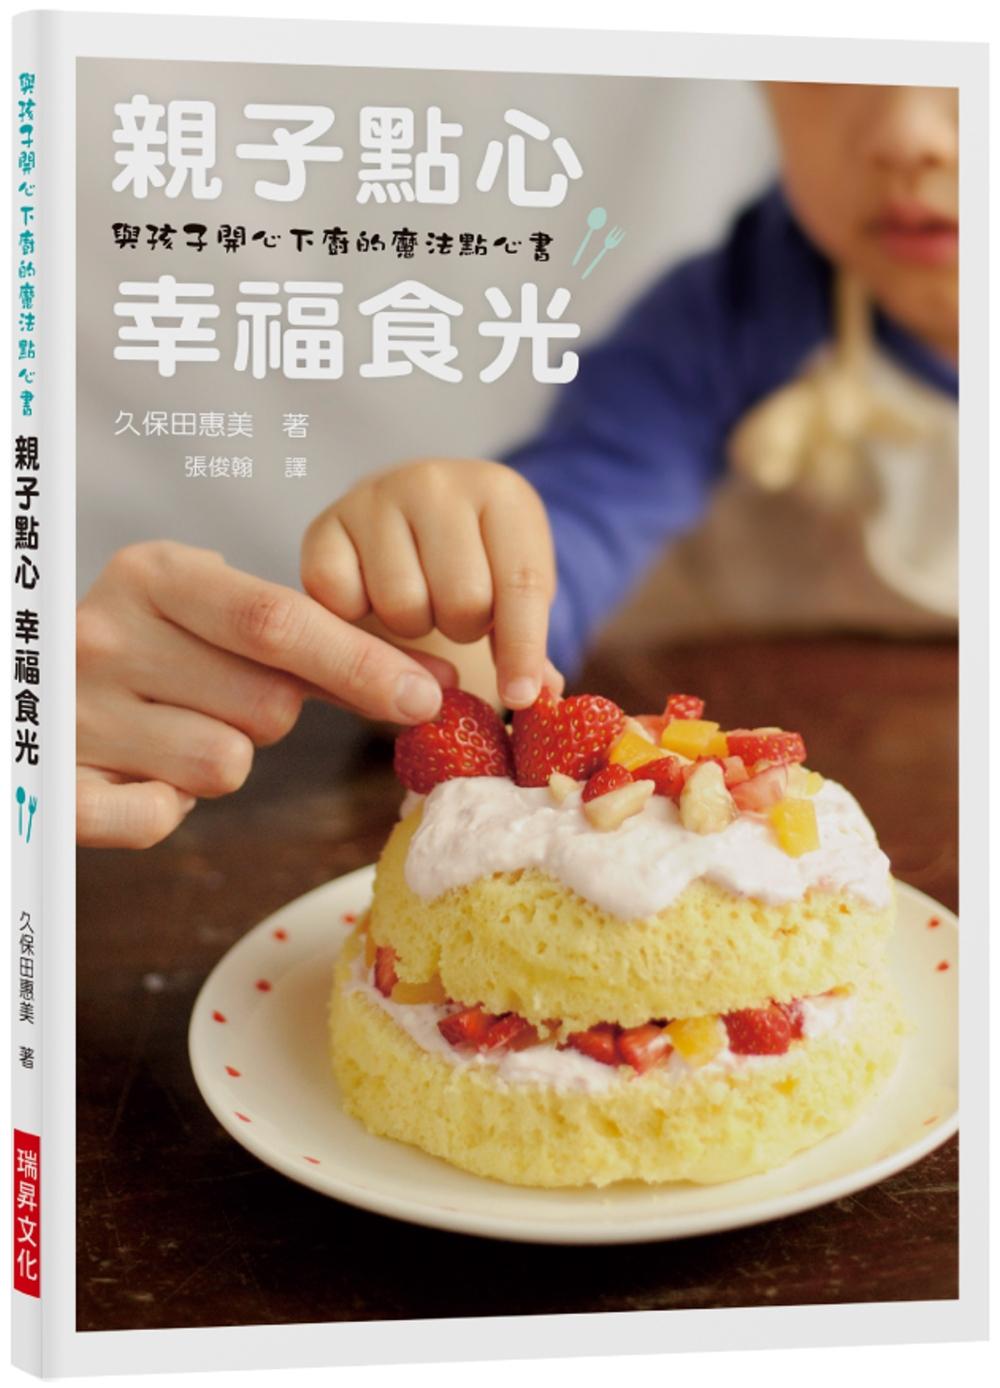 親子點心 幸福食光:與孩子開心下廚的魔法點心書